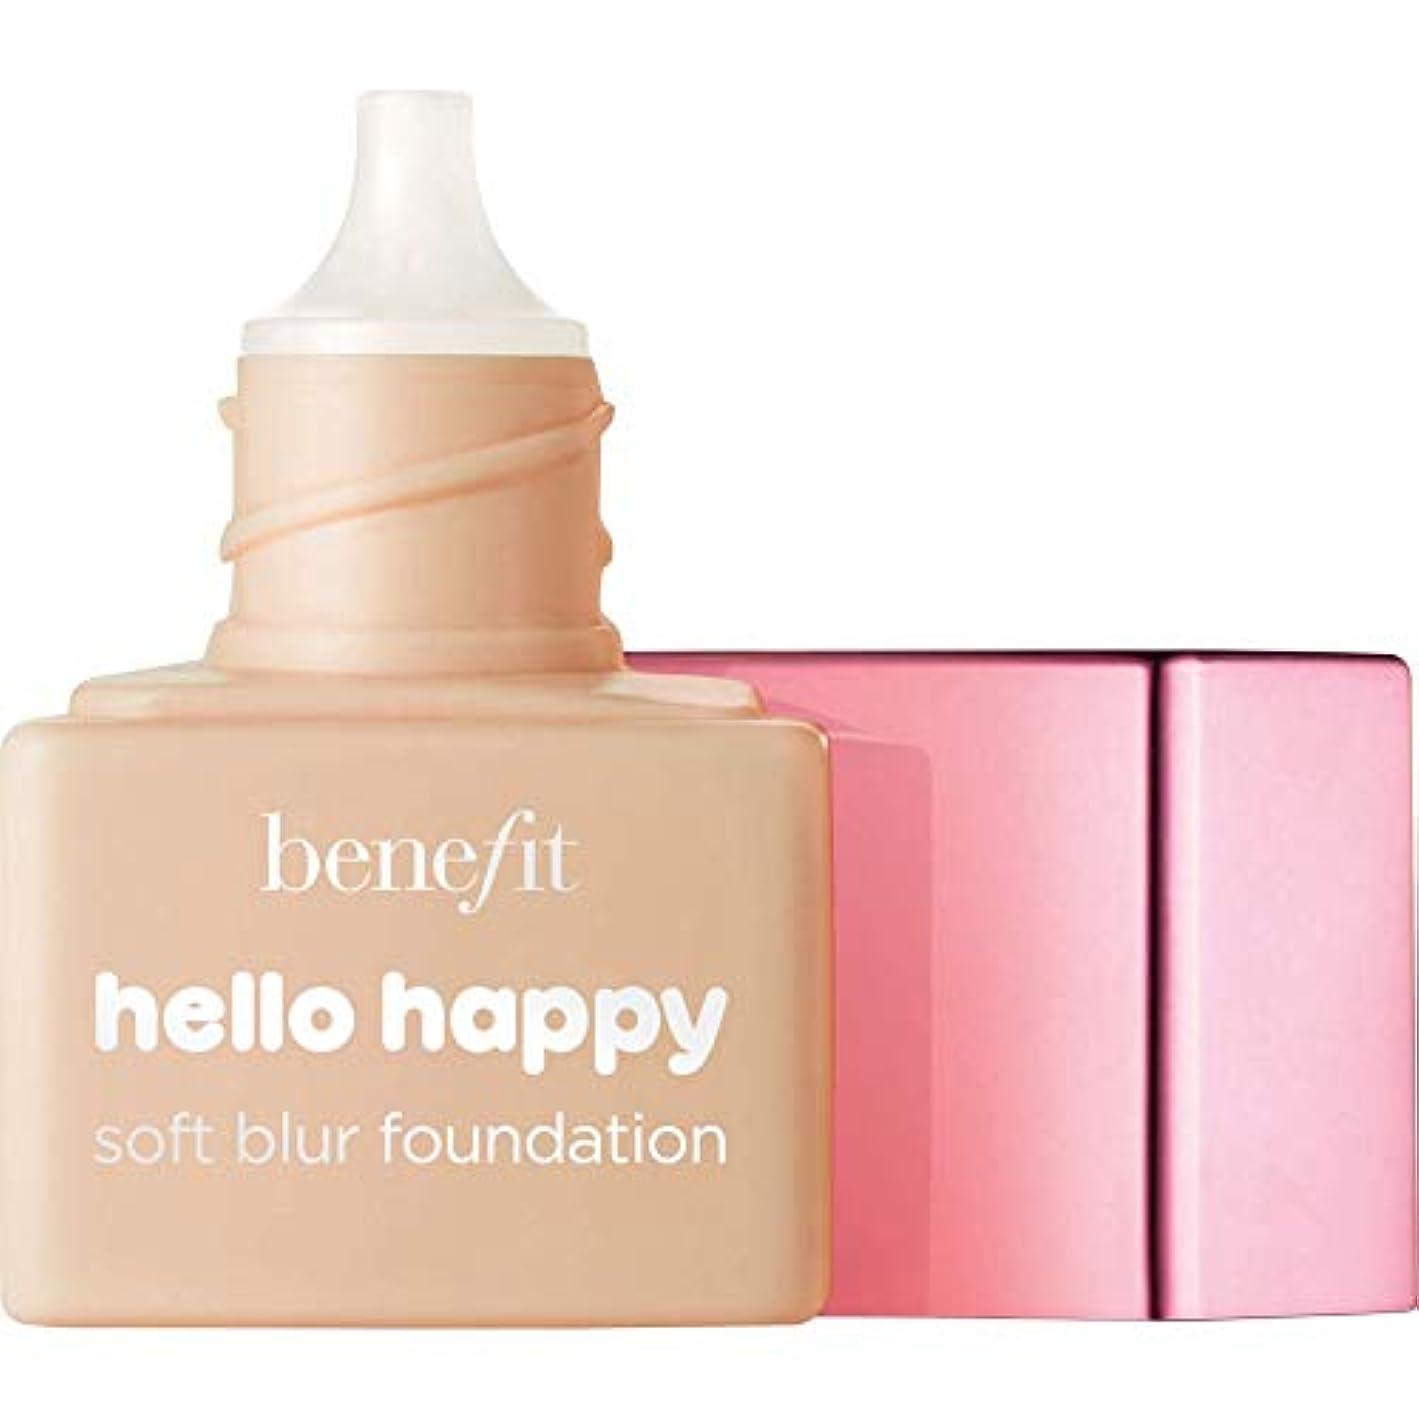 インゲンマングル時々[Benefit ] ミニ4 - - こんにちは幸せソフトブラー基礎Spf15の6ミリリットルの利益中性媒体中 - Benefit Hello Happy Soft Blur Foundation SPF15 6ml - Mini 4 - Medium Neutral [並行輸入品]